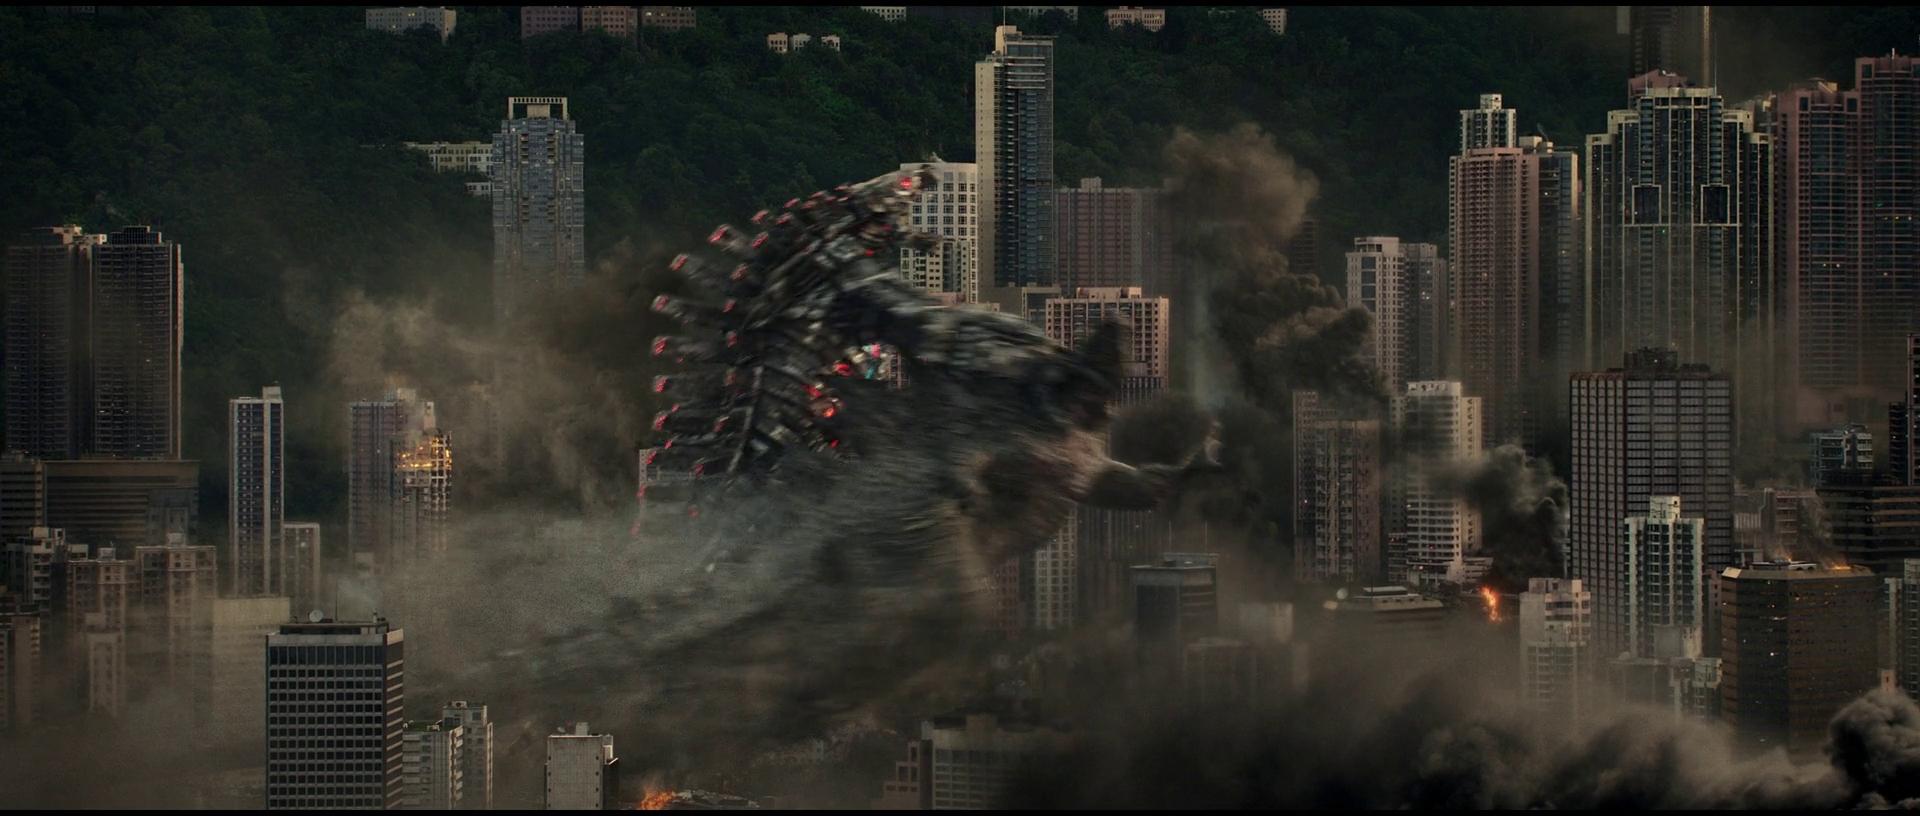 Godzilla-vs-Kong-2021-970